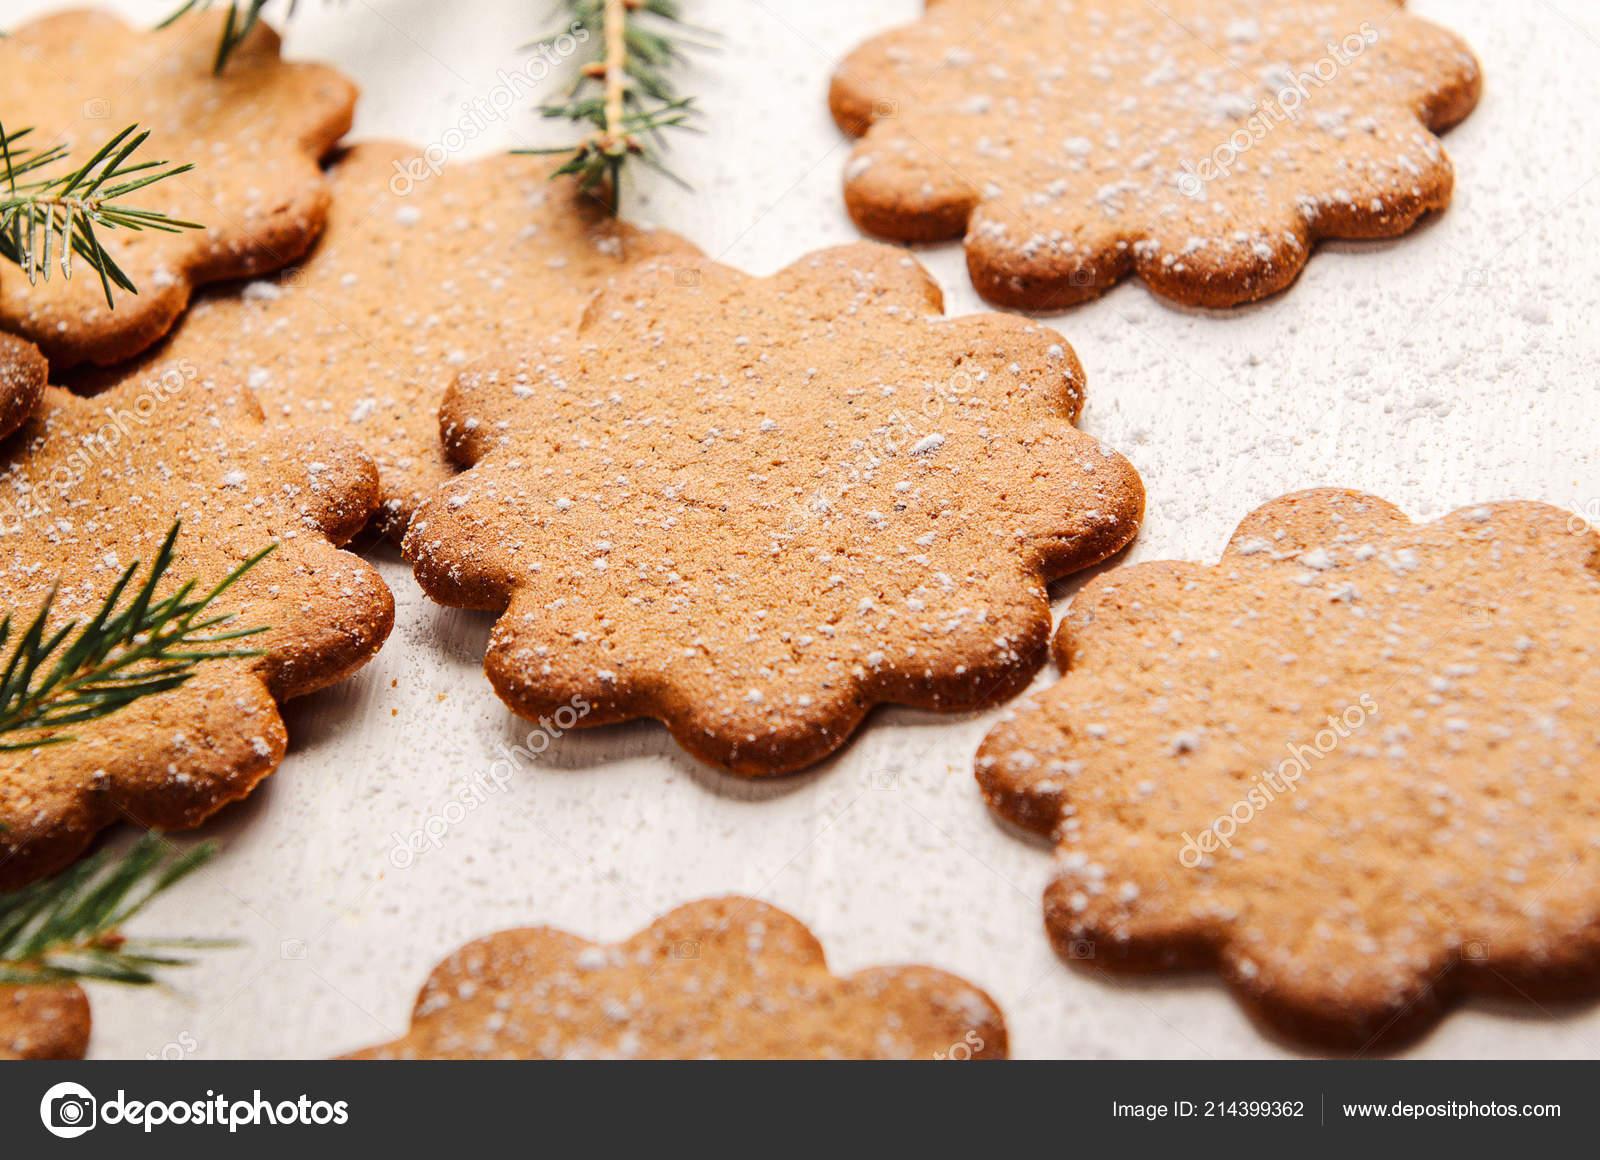 Biscotti Allo Zenzero Di Natale.Dolce Sottili Biscotti Allo Zenzero Su Fondo Bianco Con Zucchero A